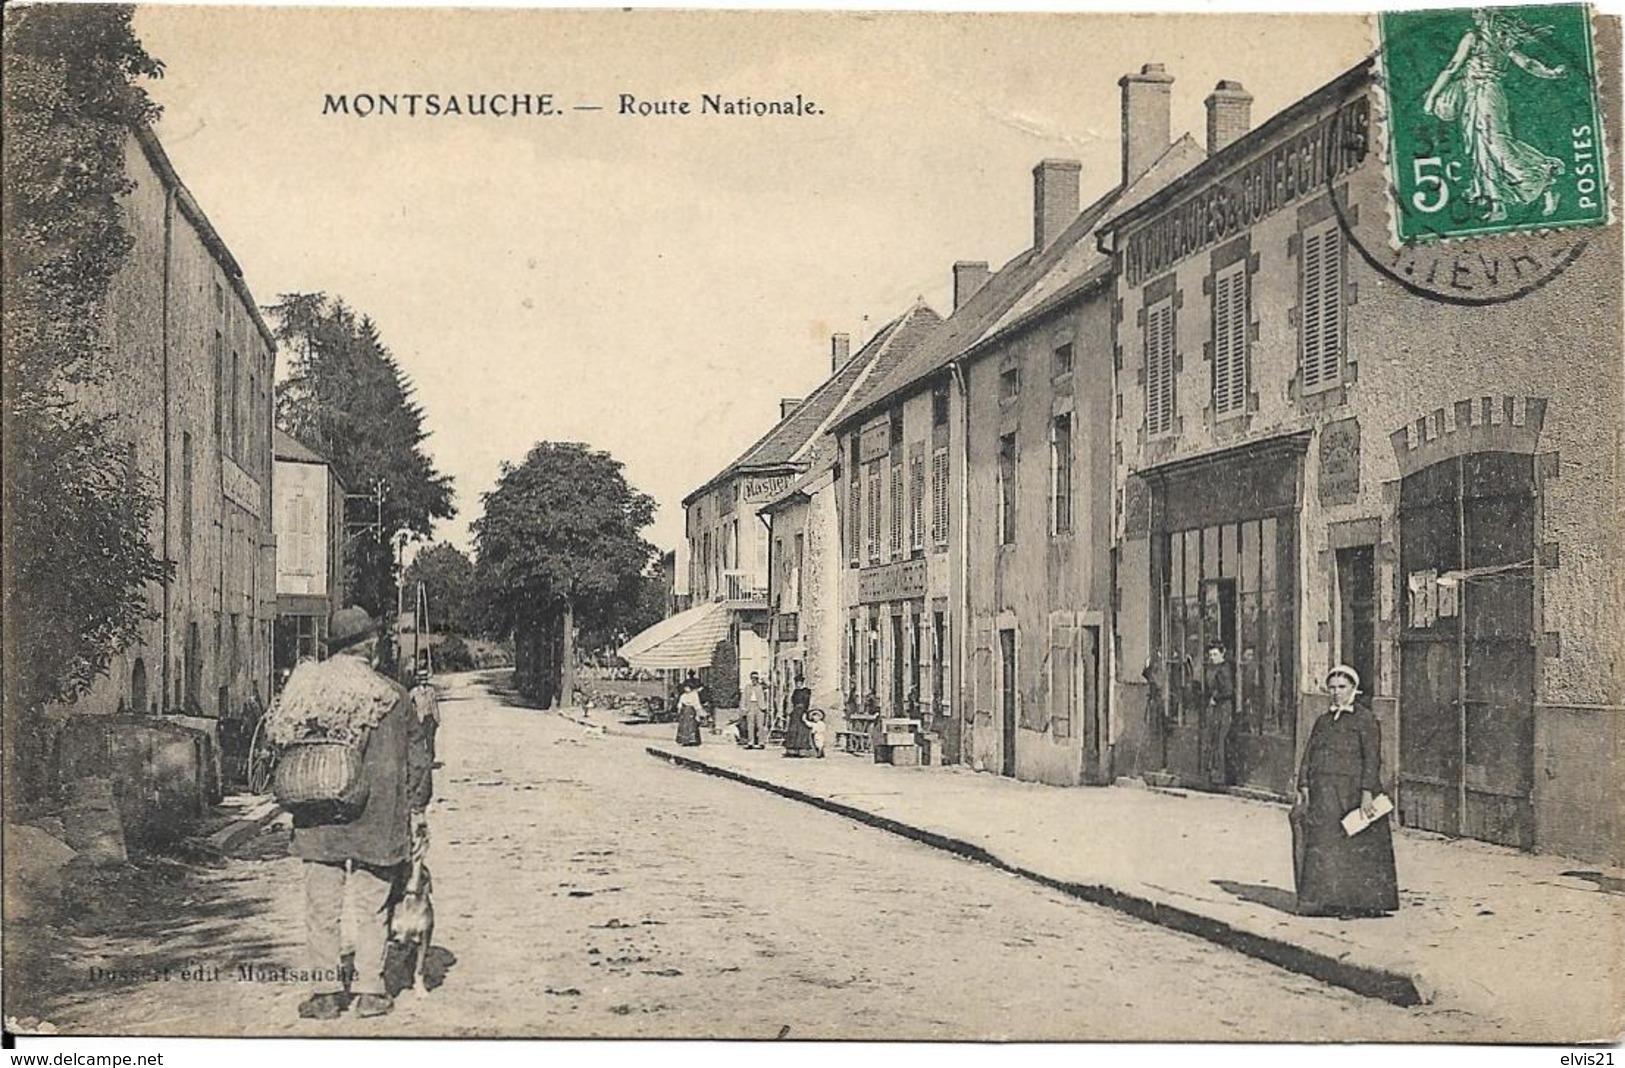 MONTSAUCHE LES SETTONS Route Nationale - Montsauche Les Settons